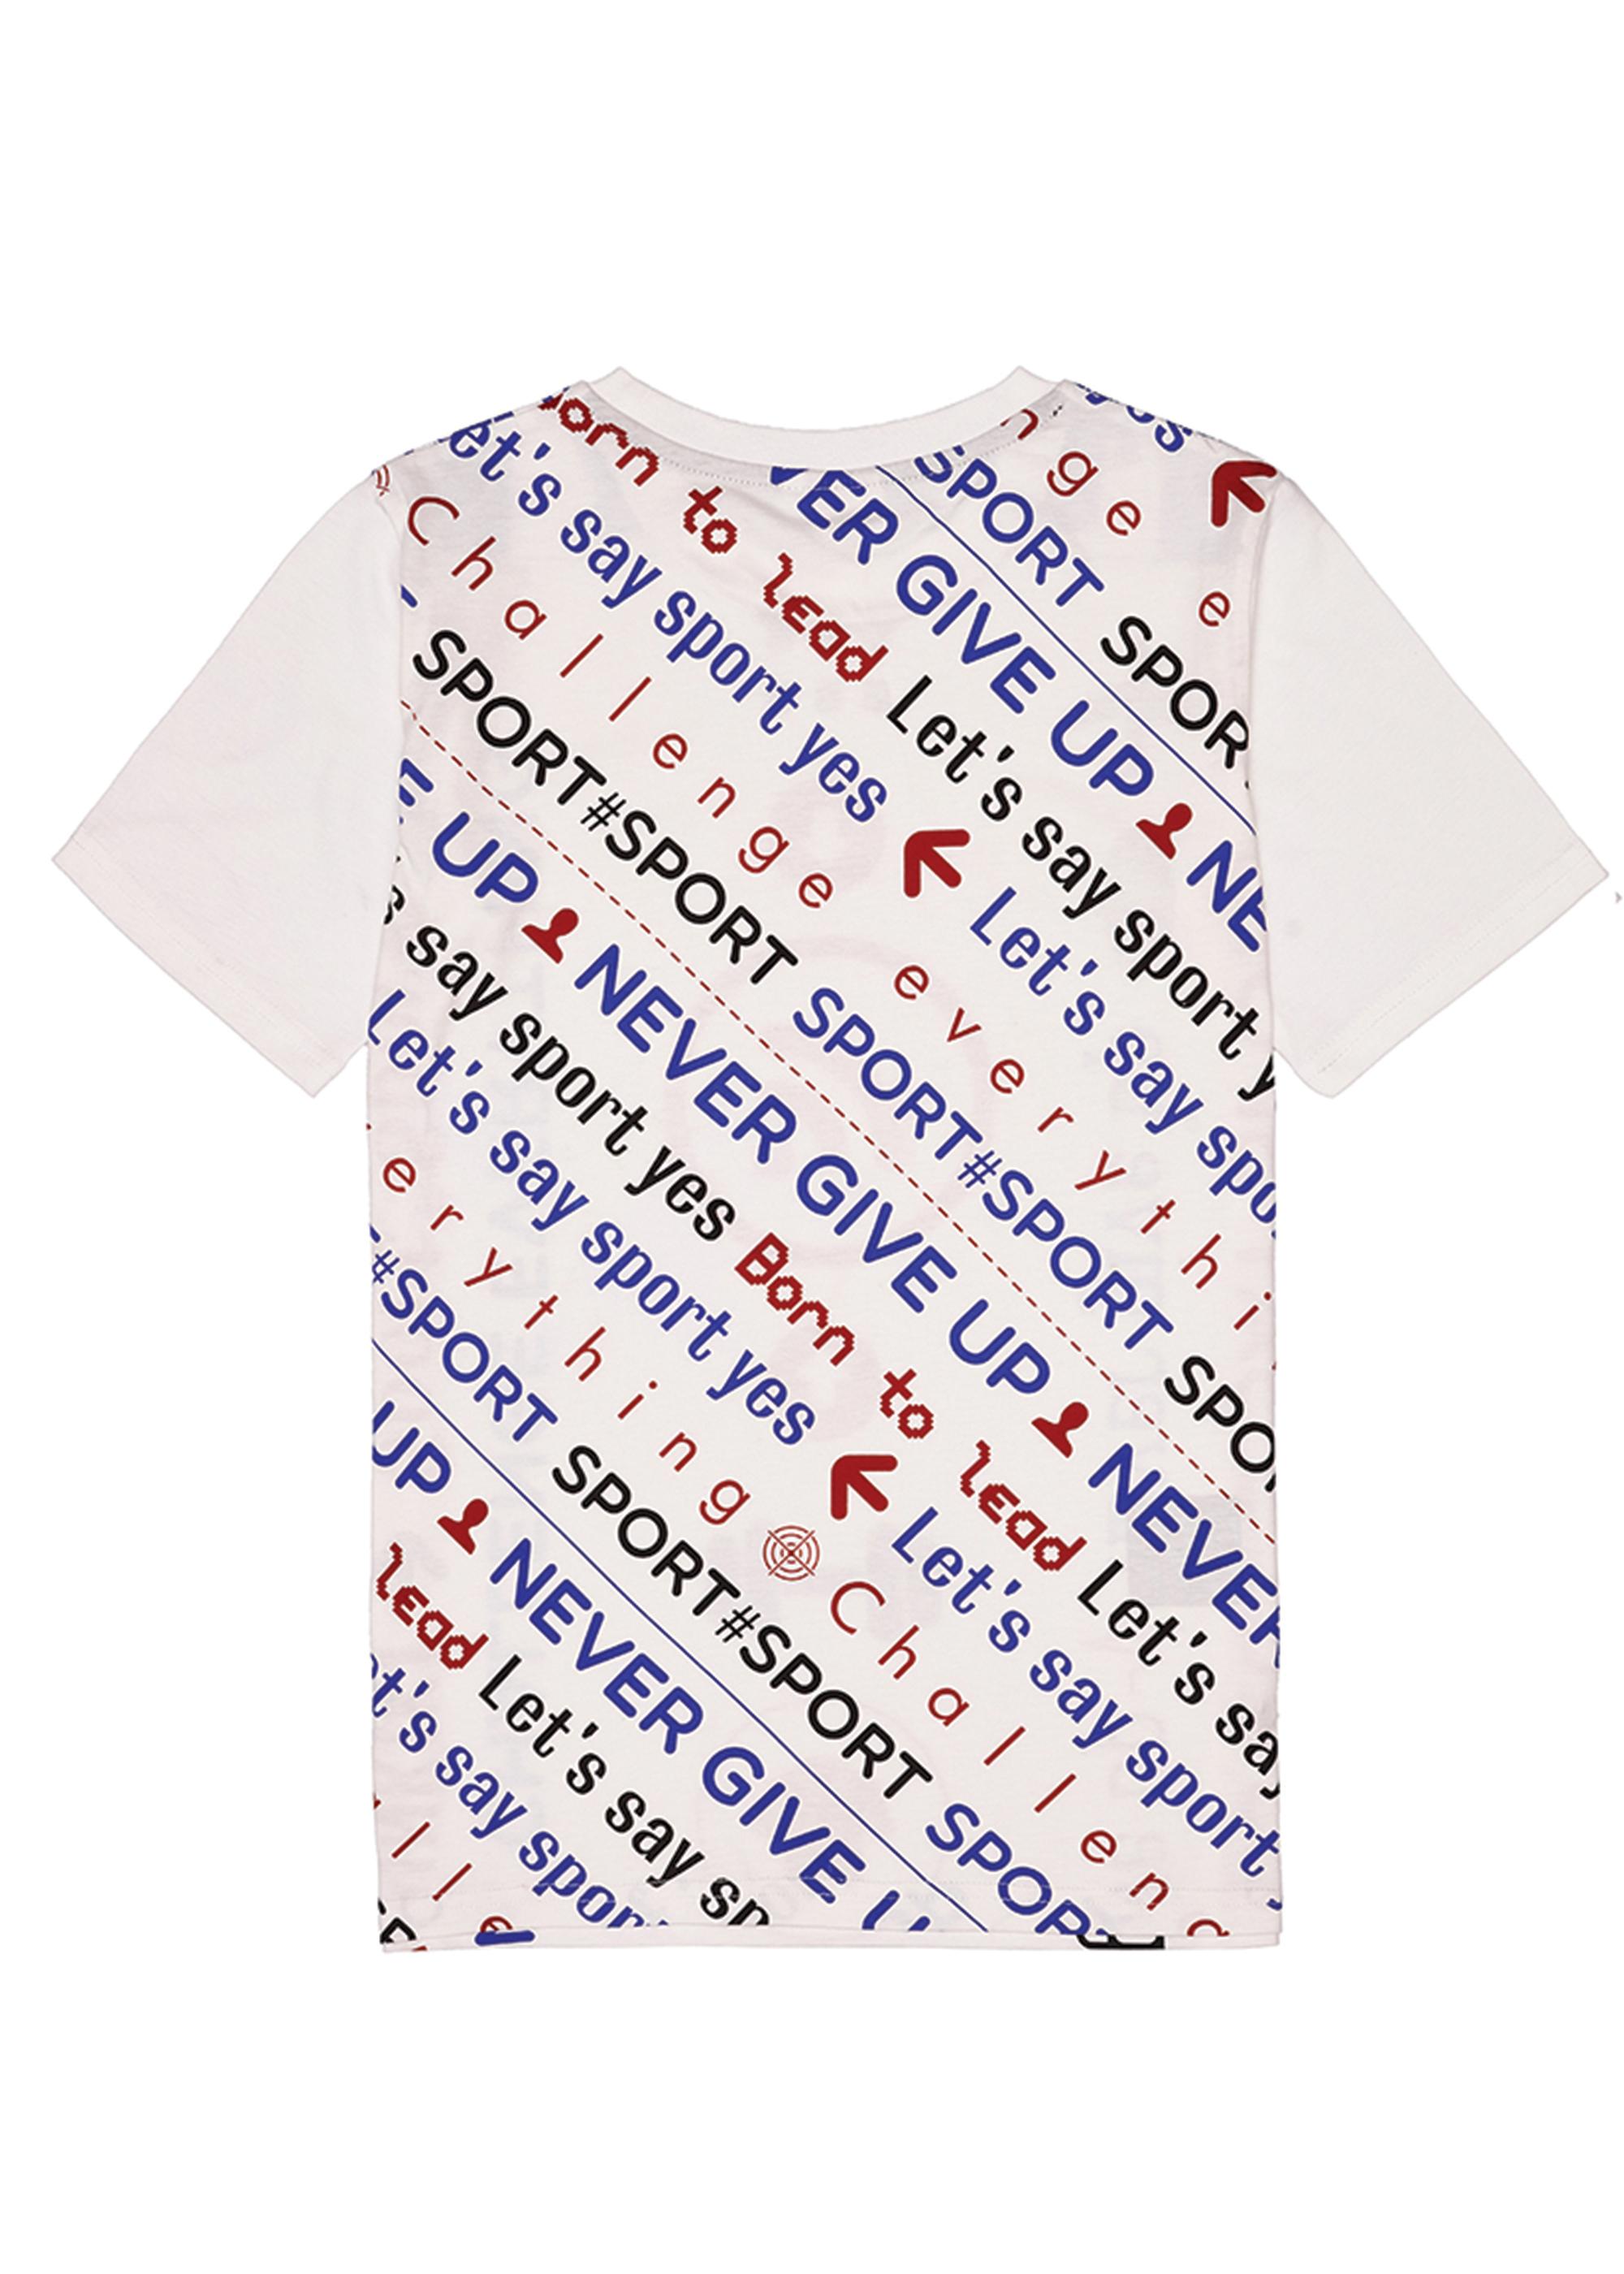 Chlapecké tričko Never Give Up Bílá